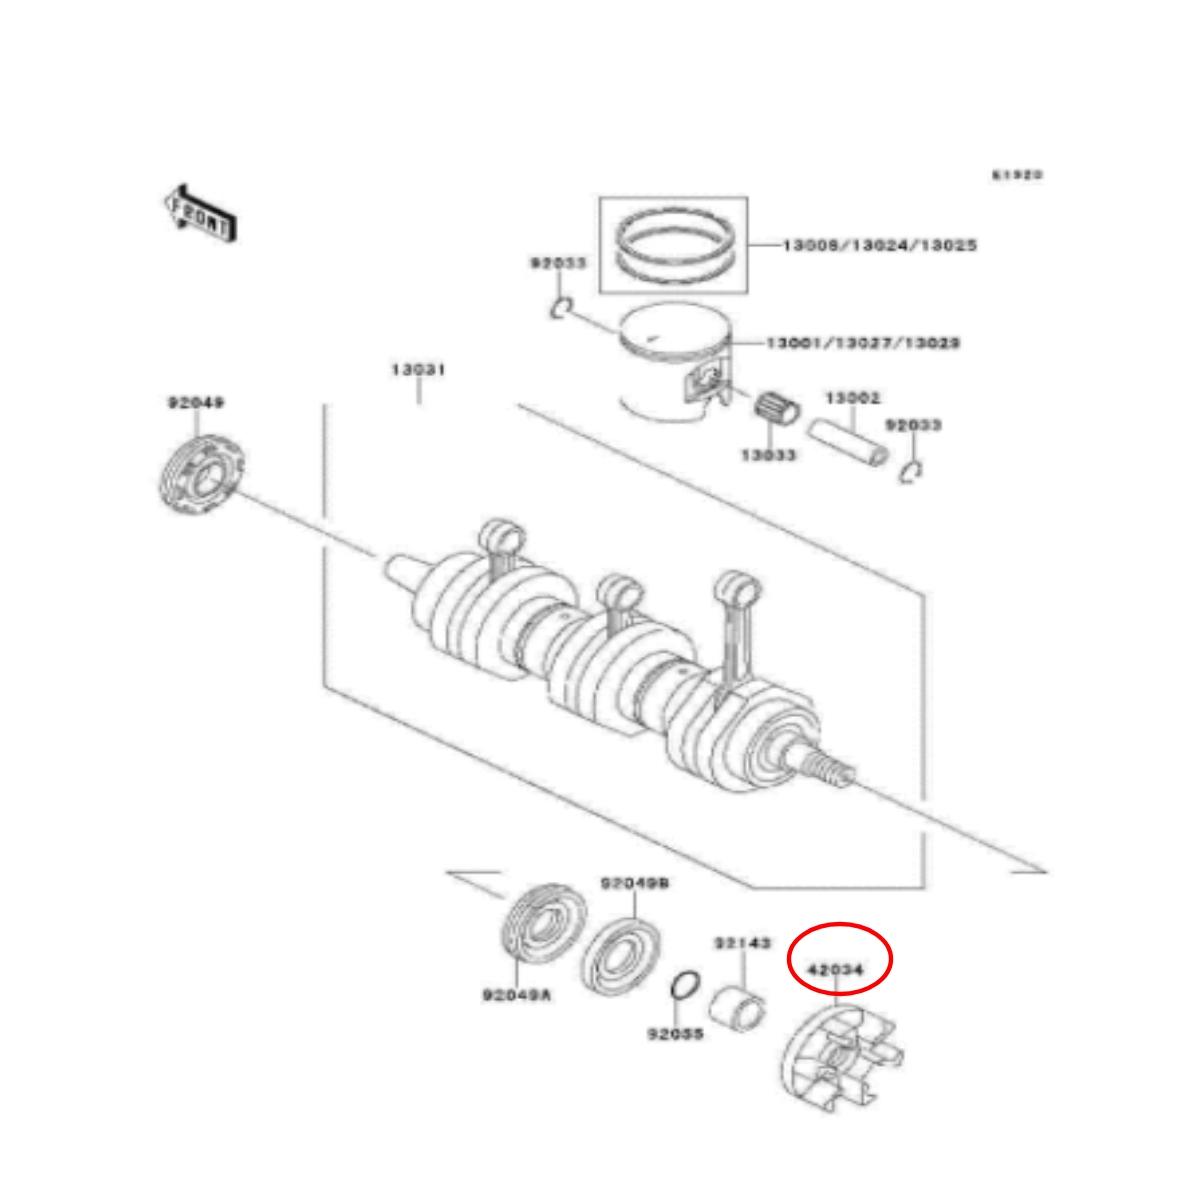 Acoplador para Jet Ski Kawasaki e Sea Doo 18mm  - Radical Peças - Peças para Jet Ski